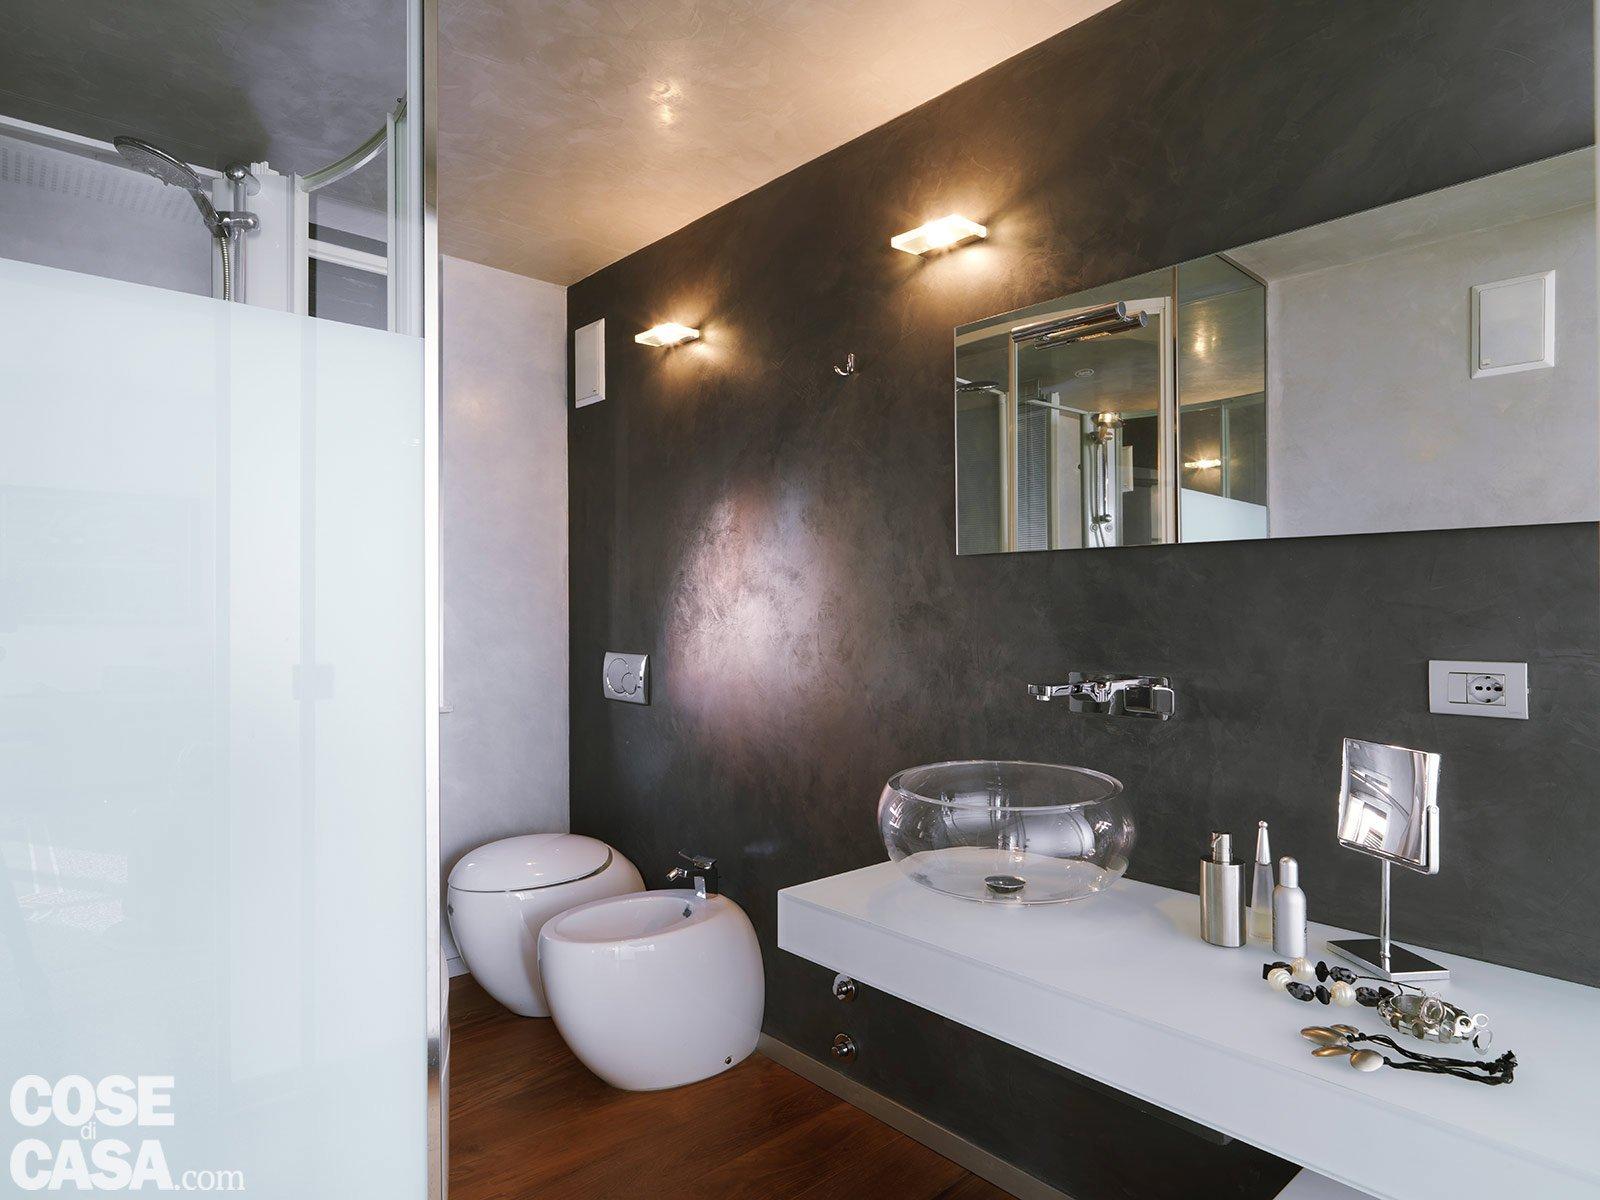 Casa soluzioni hi tech per interni anni 39 30 cose di casa - Stucco per vasca da bagno ...